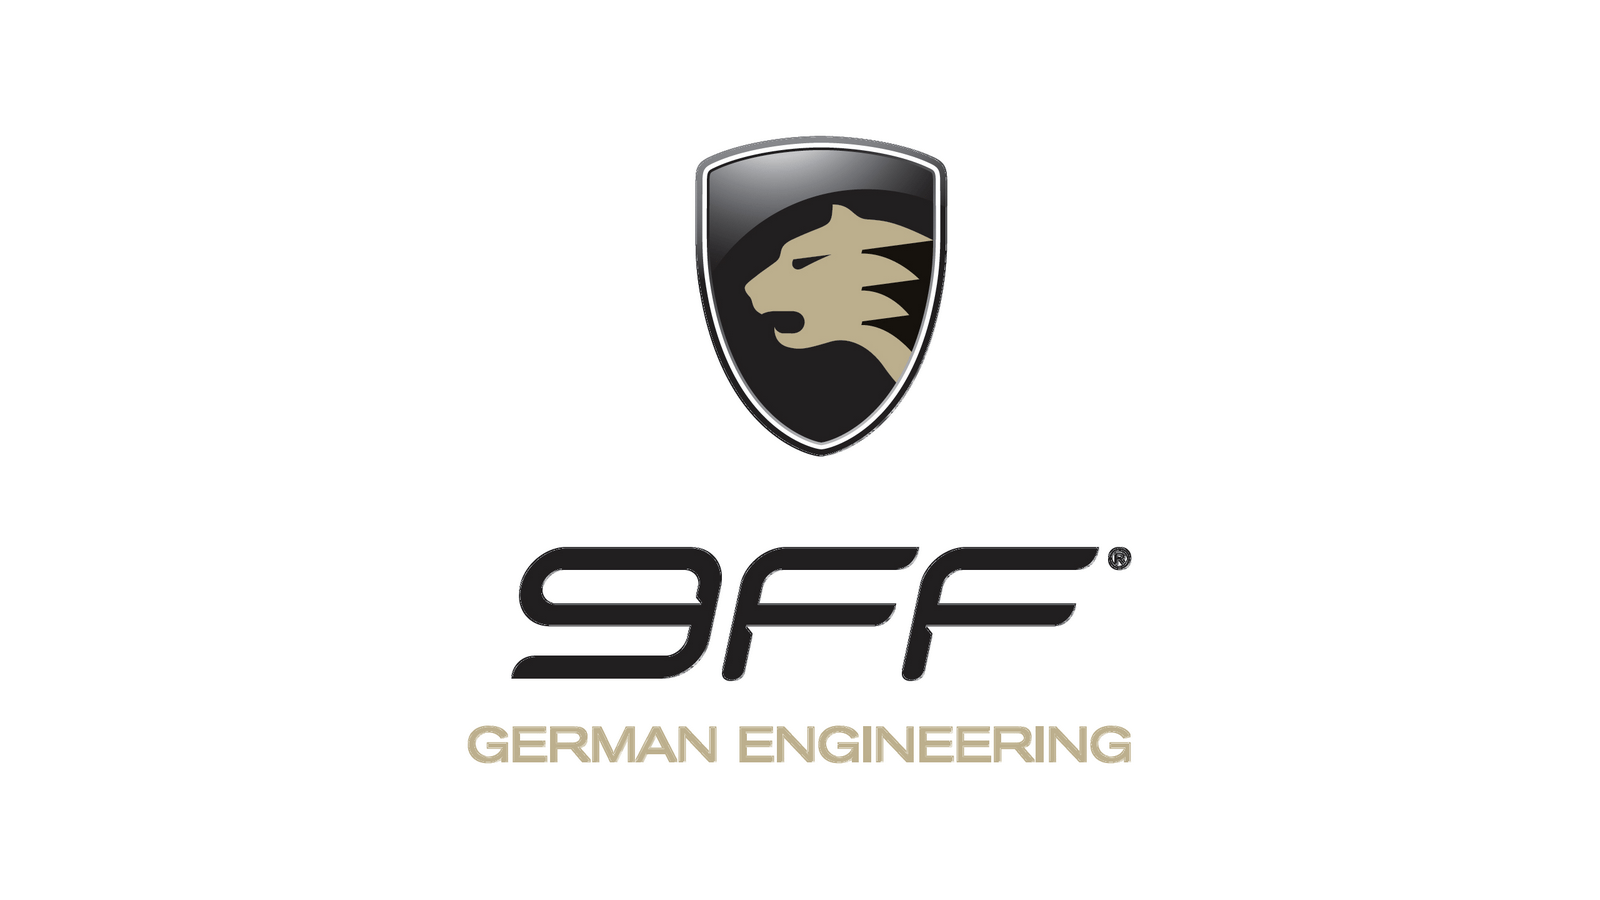 9ff logo